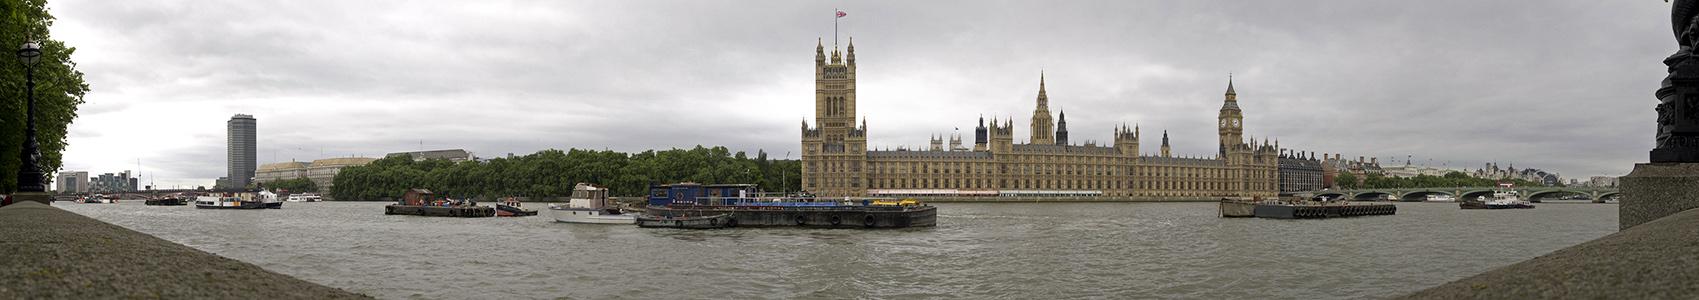 Blick von der South Bank London